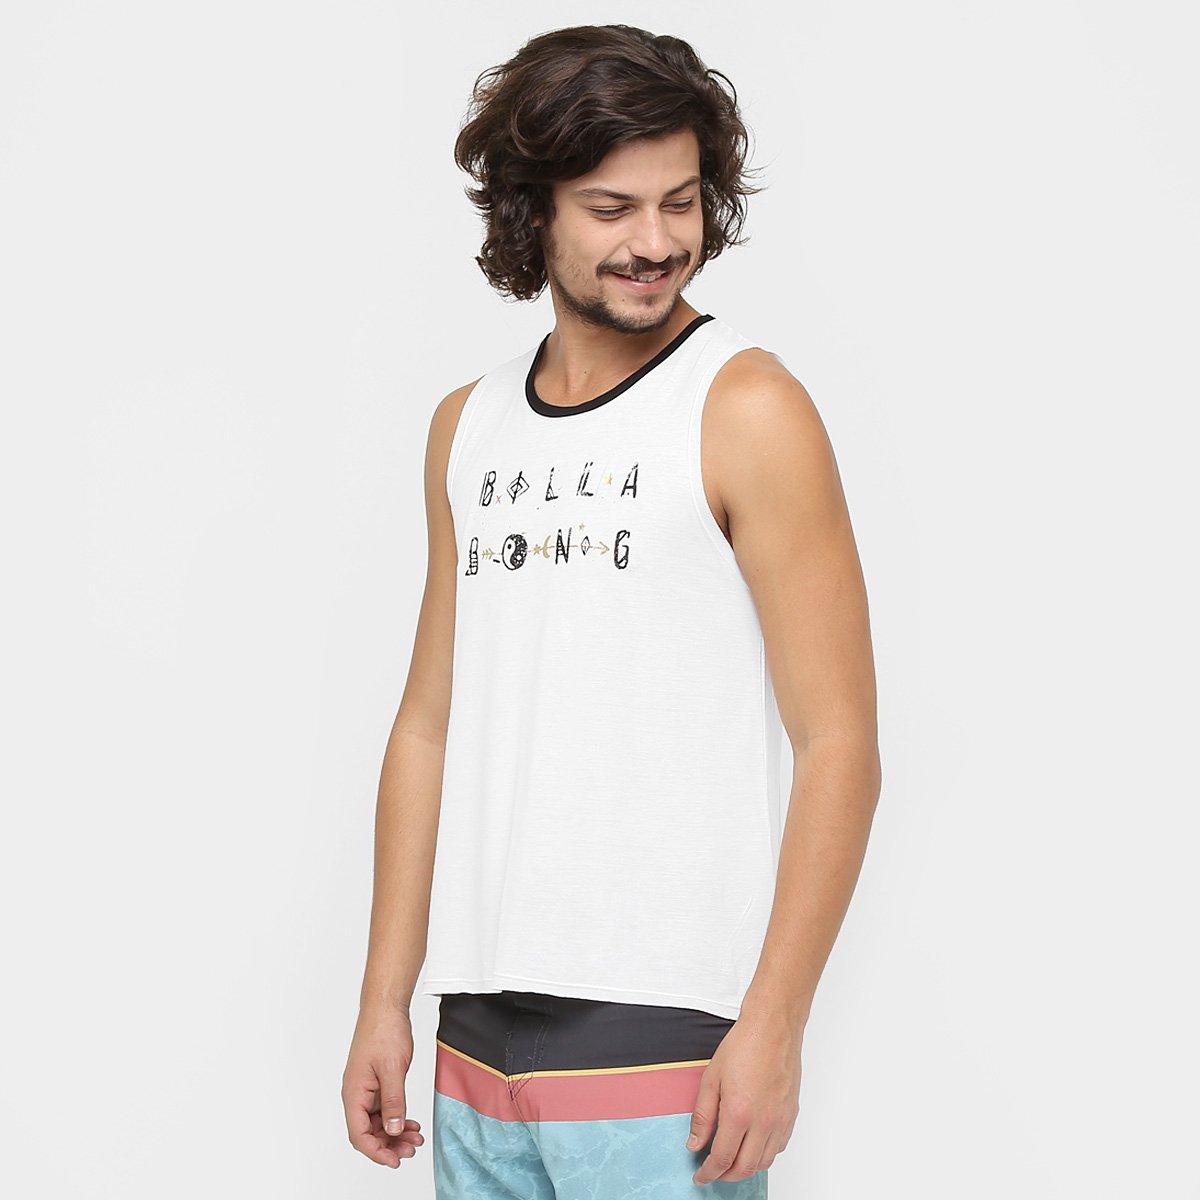 Camiseta Regata Billabong Always Awesome